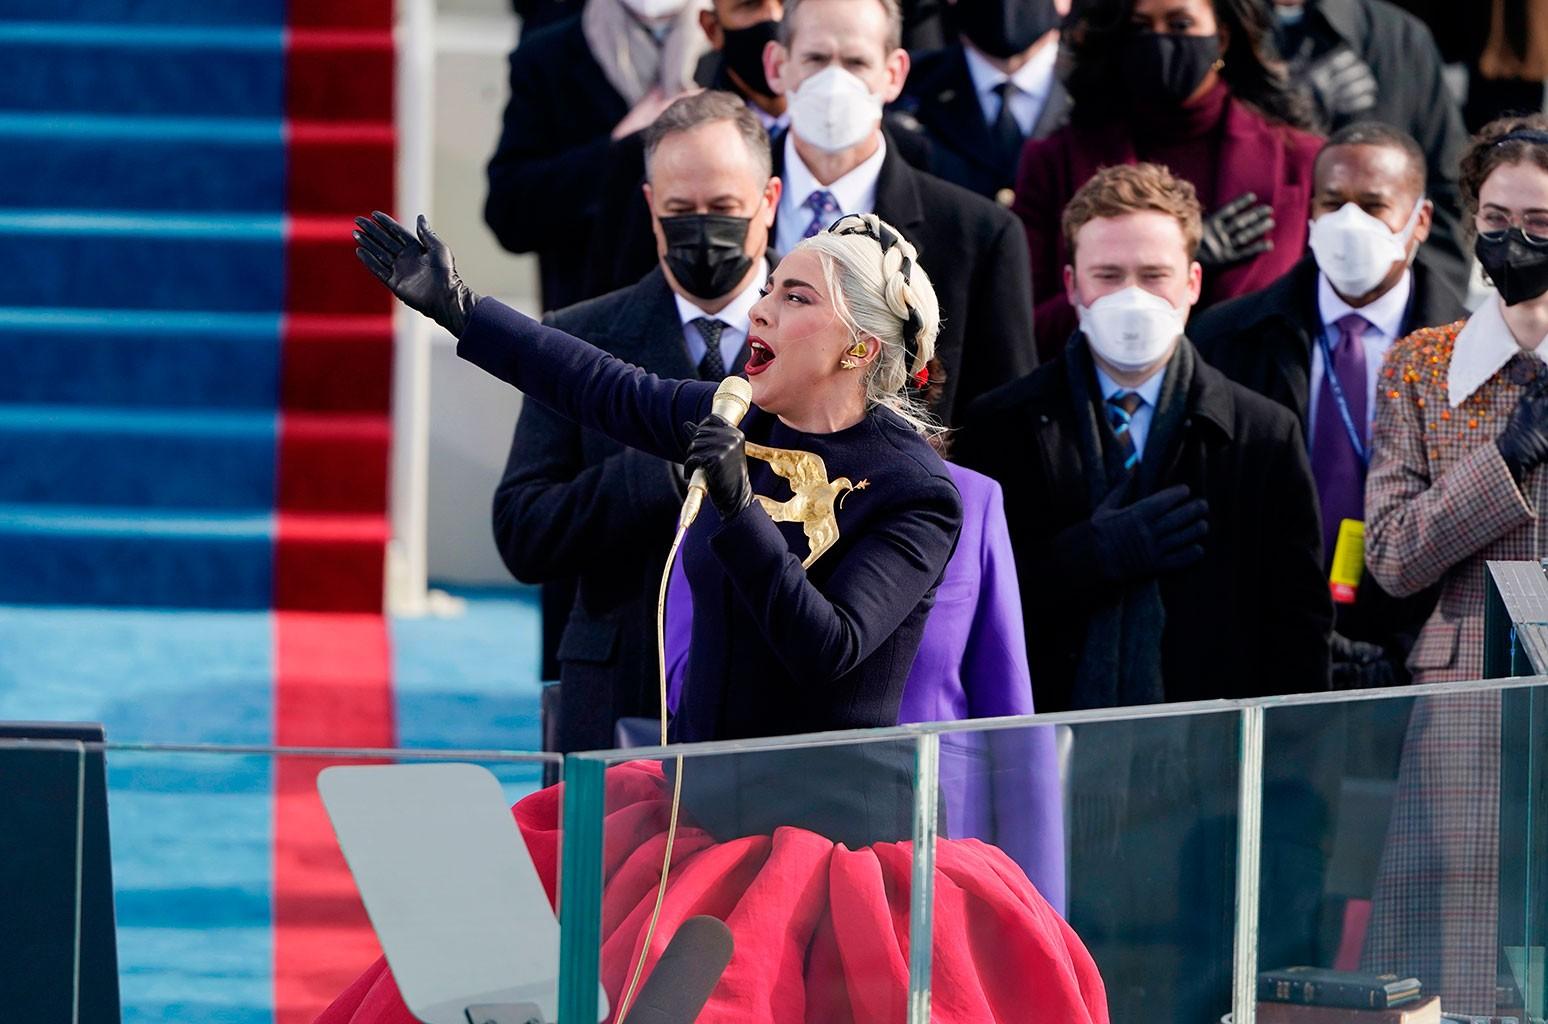 Вот настоящее значение золотой броши Леди Гаги в виде голубя из ее наряда для инаугурации